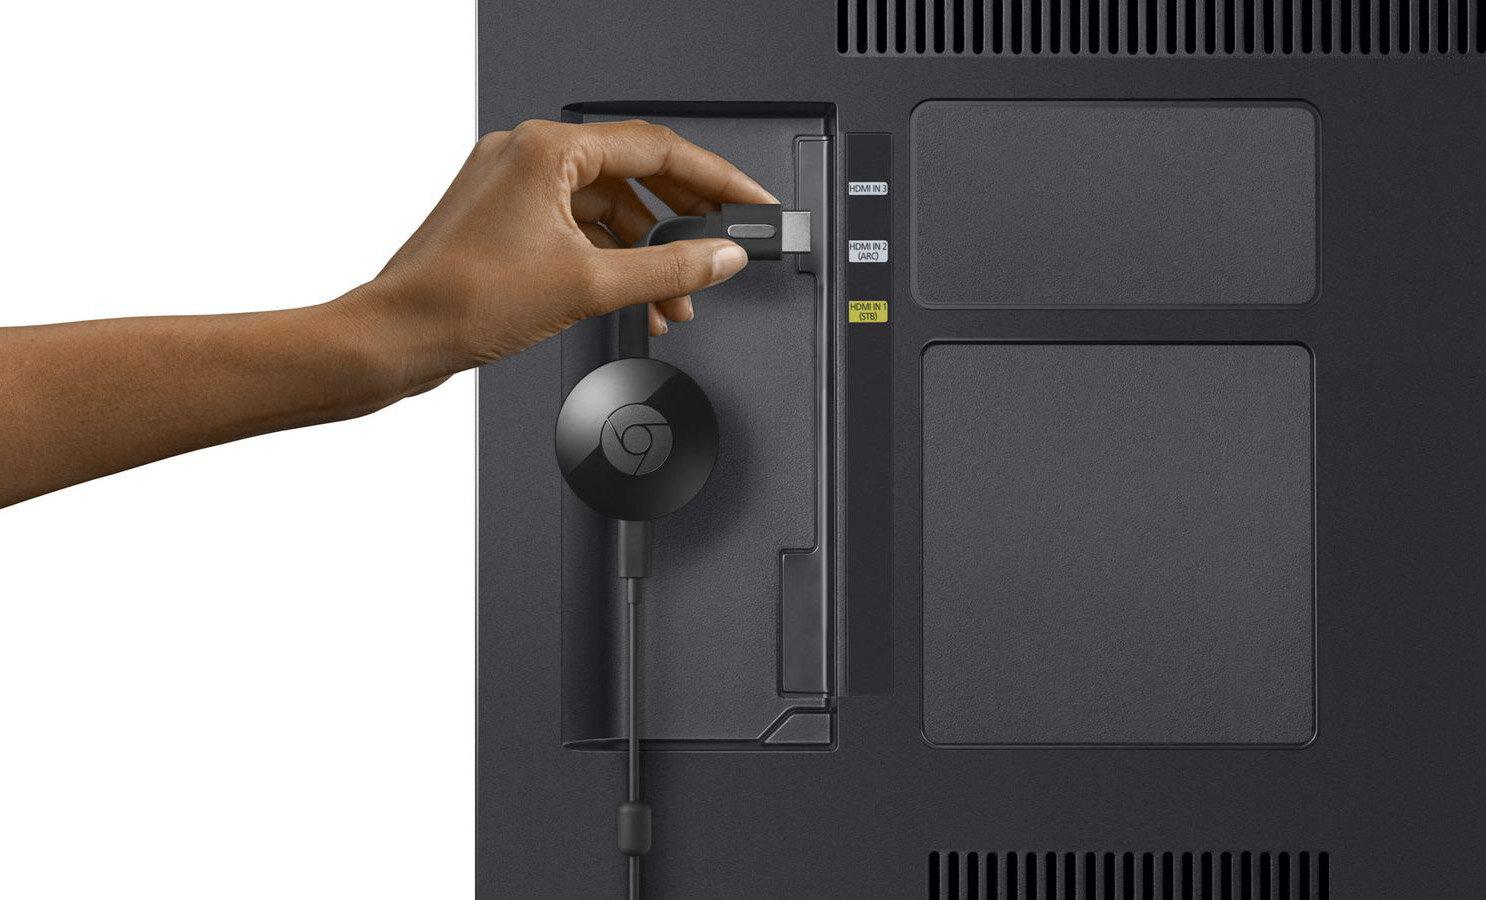 Để kết nối Chromecast, thiết bị của bạn cần có cổng HDMI